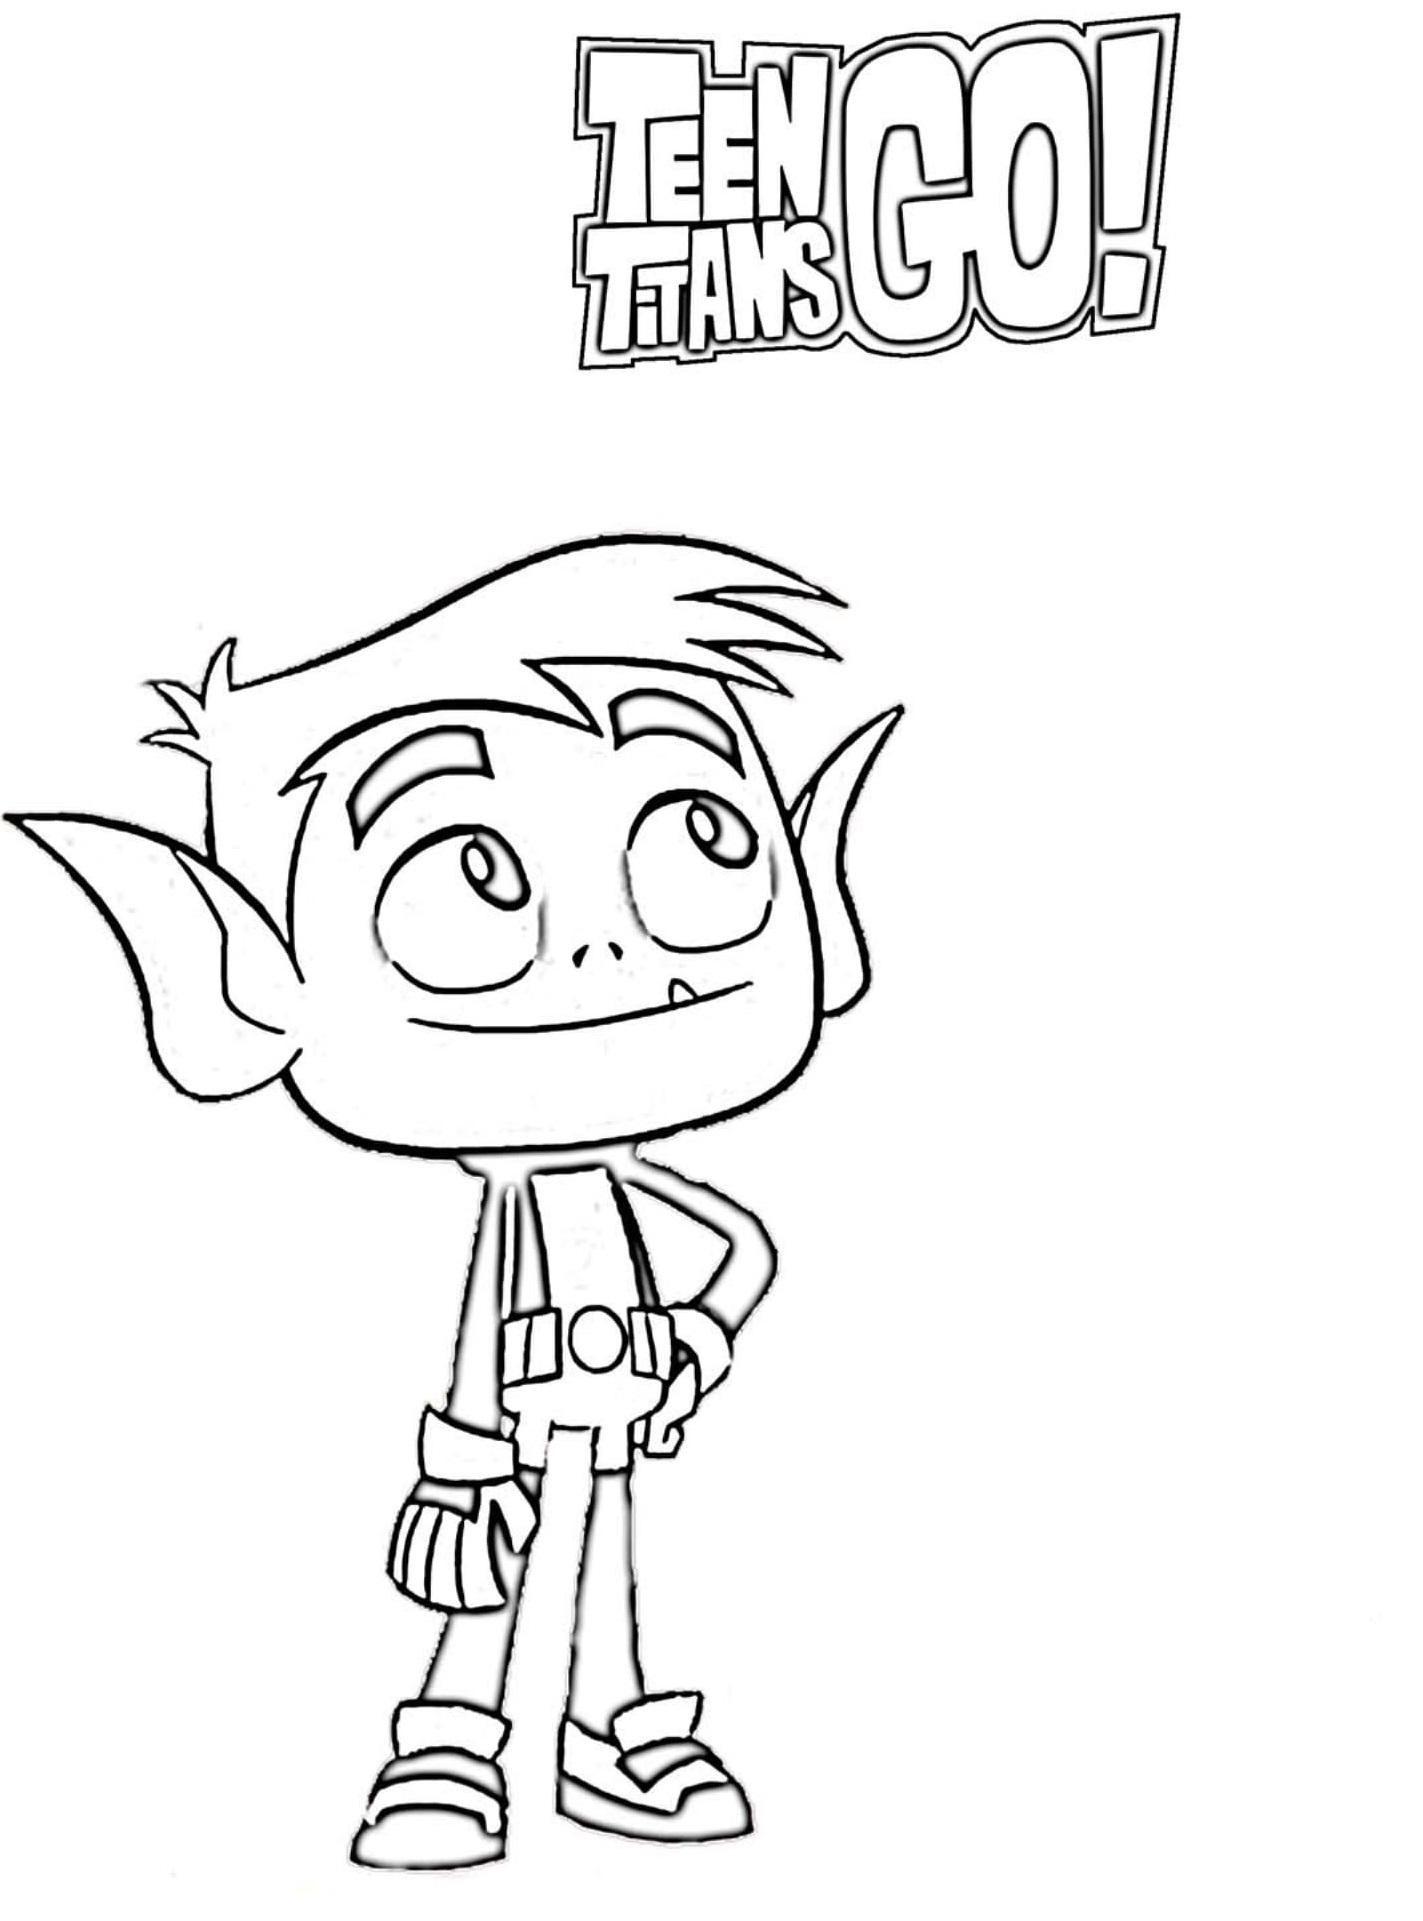 Dibujos de Beast Boy para colorear - Colorear24.com